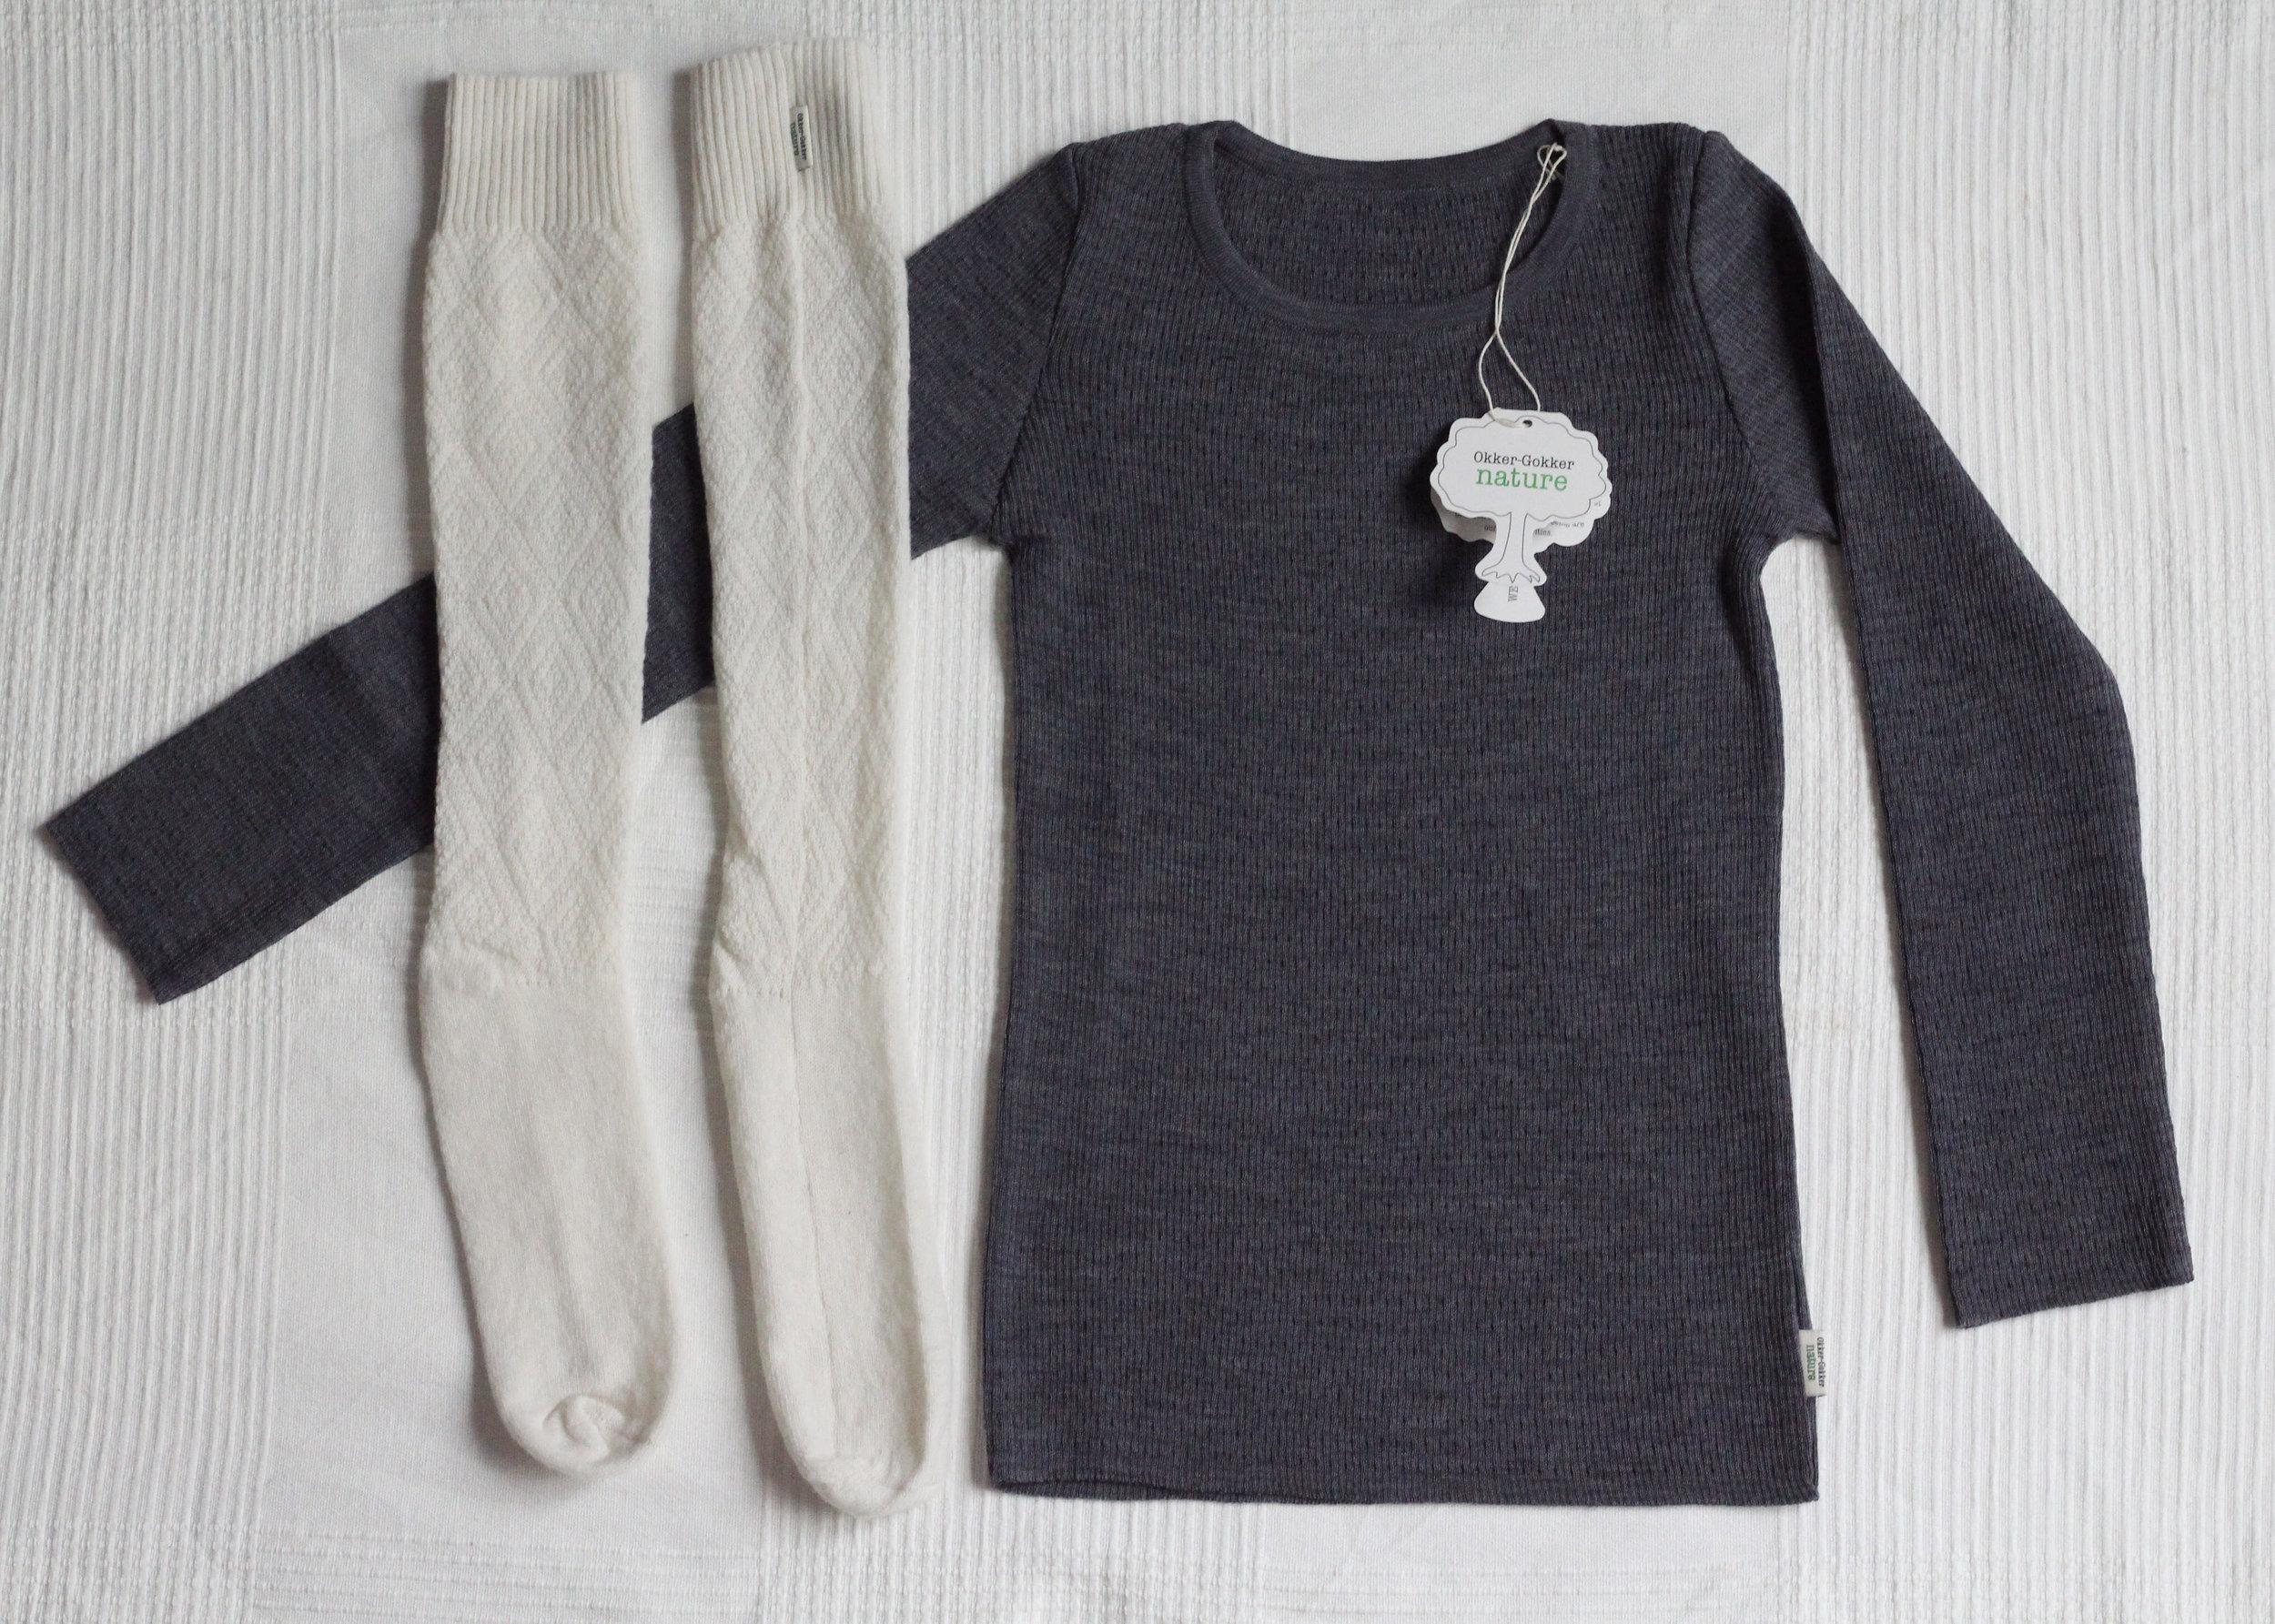 Knästrumpor och  tröja  i 100% ekologisk ull